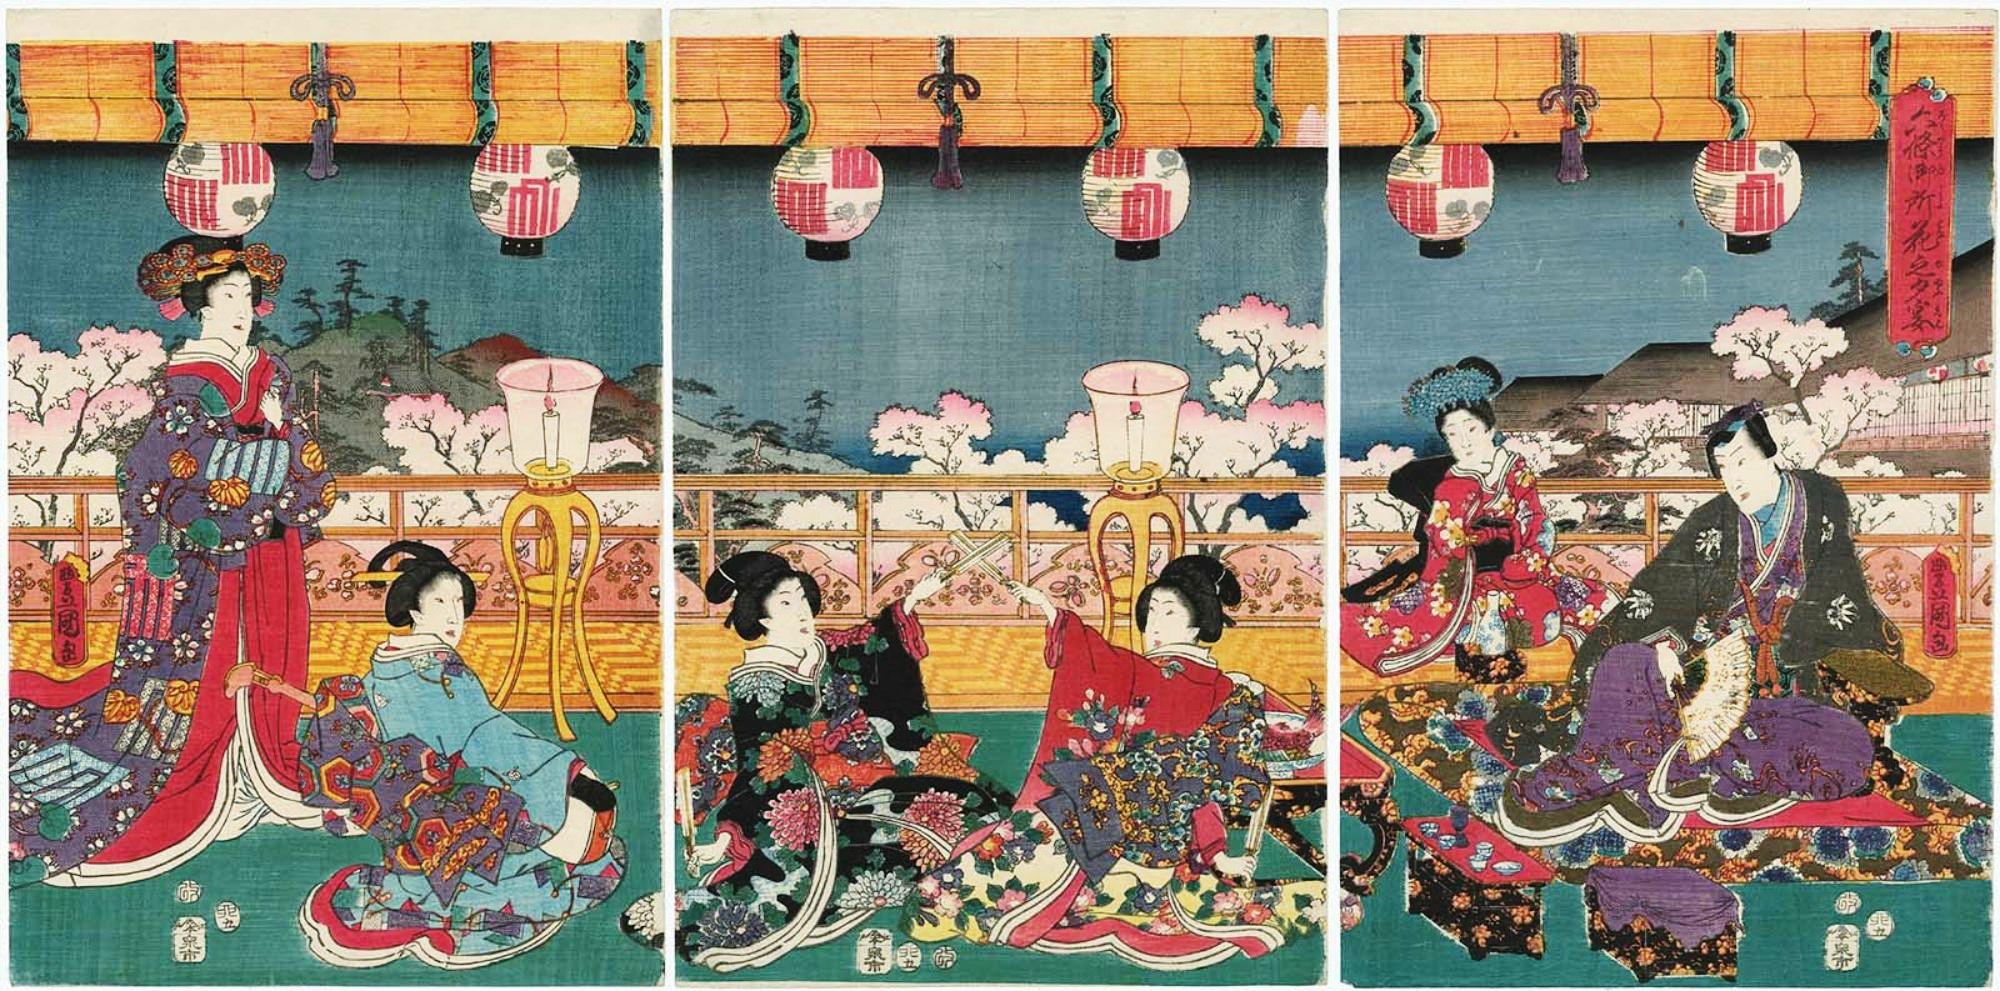 הנאמי - פריחת הדובדבן ביפן